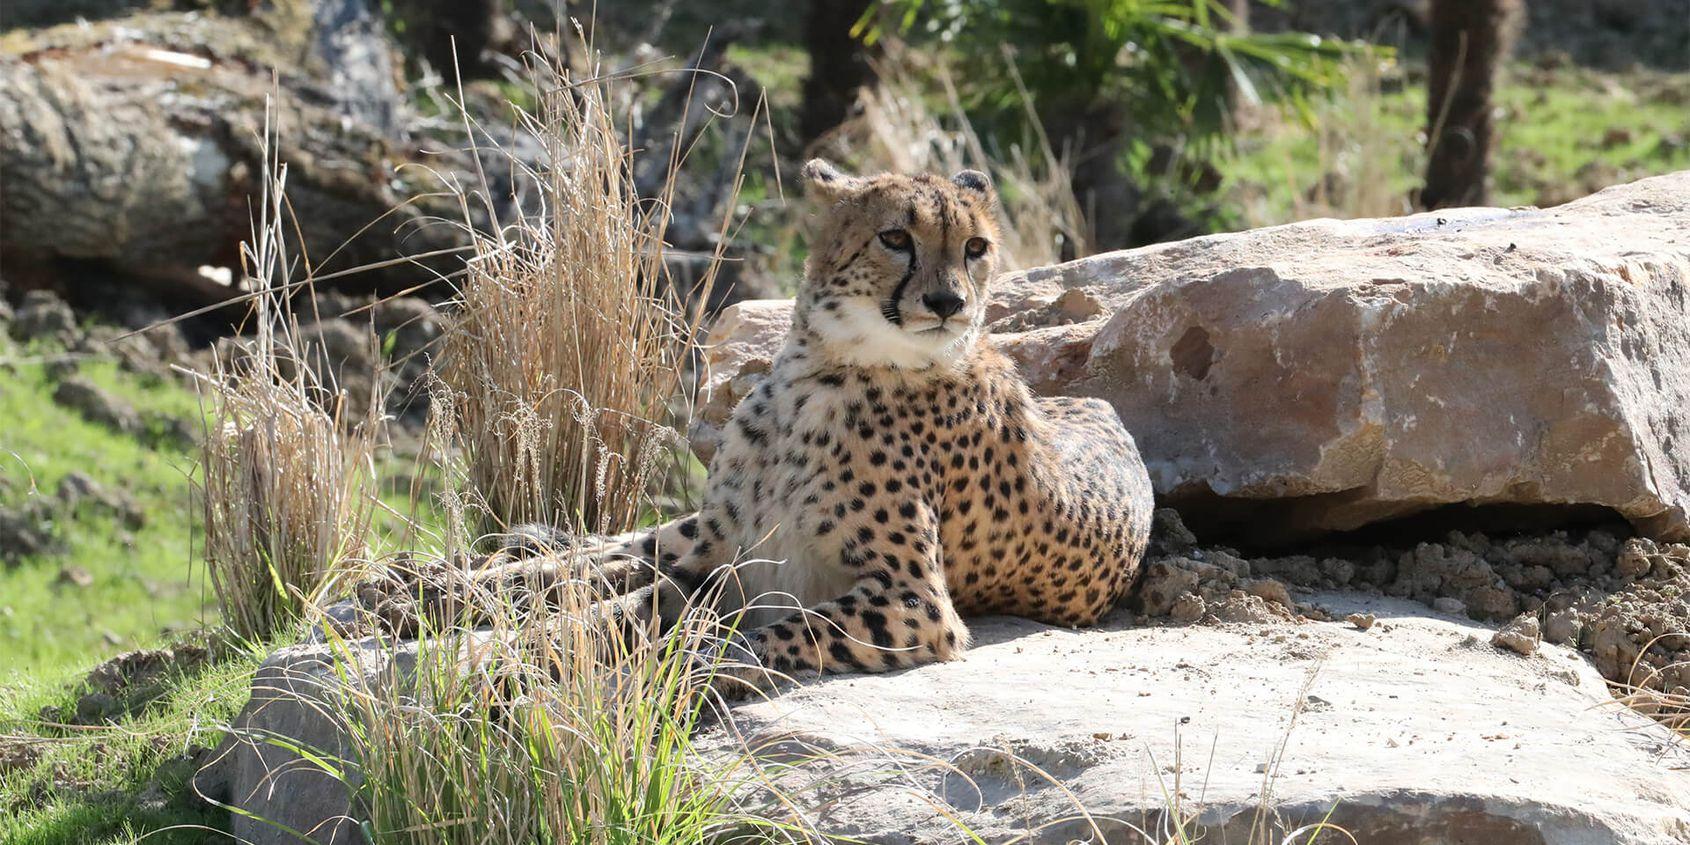 Guépard sur un rocher - Les animaux du Territoire des Guépards - ZooParc de Beauval